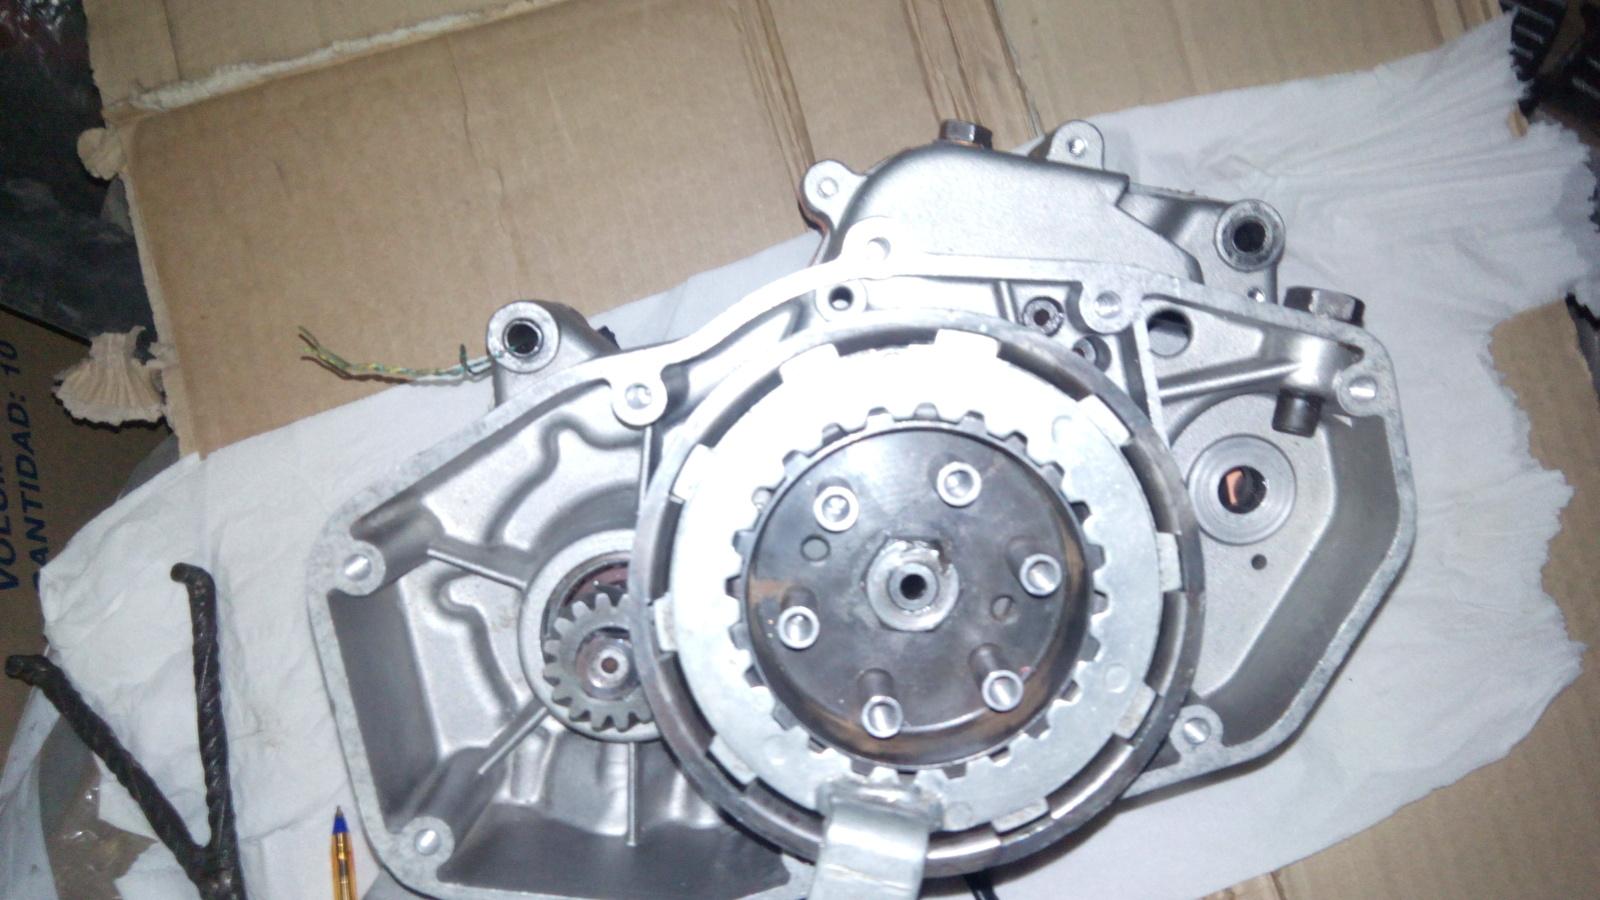 encendido - Mejoras en motores P3 P4 RV4 DL P6 K6... - Página 6 F4heo9